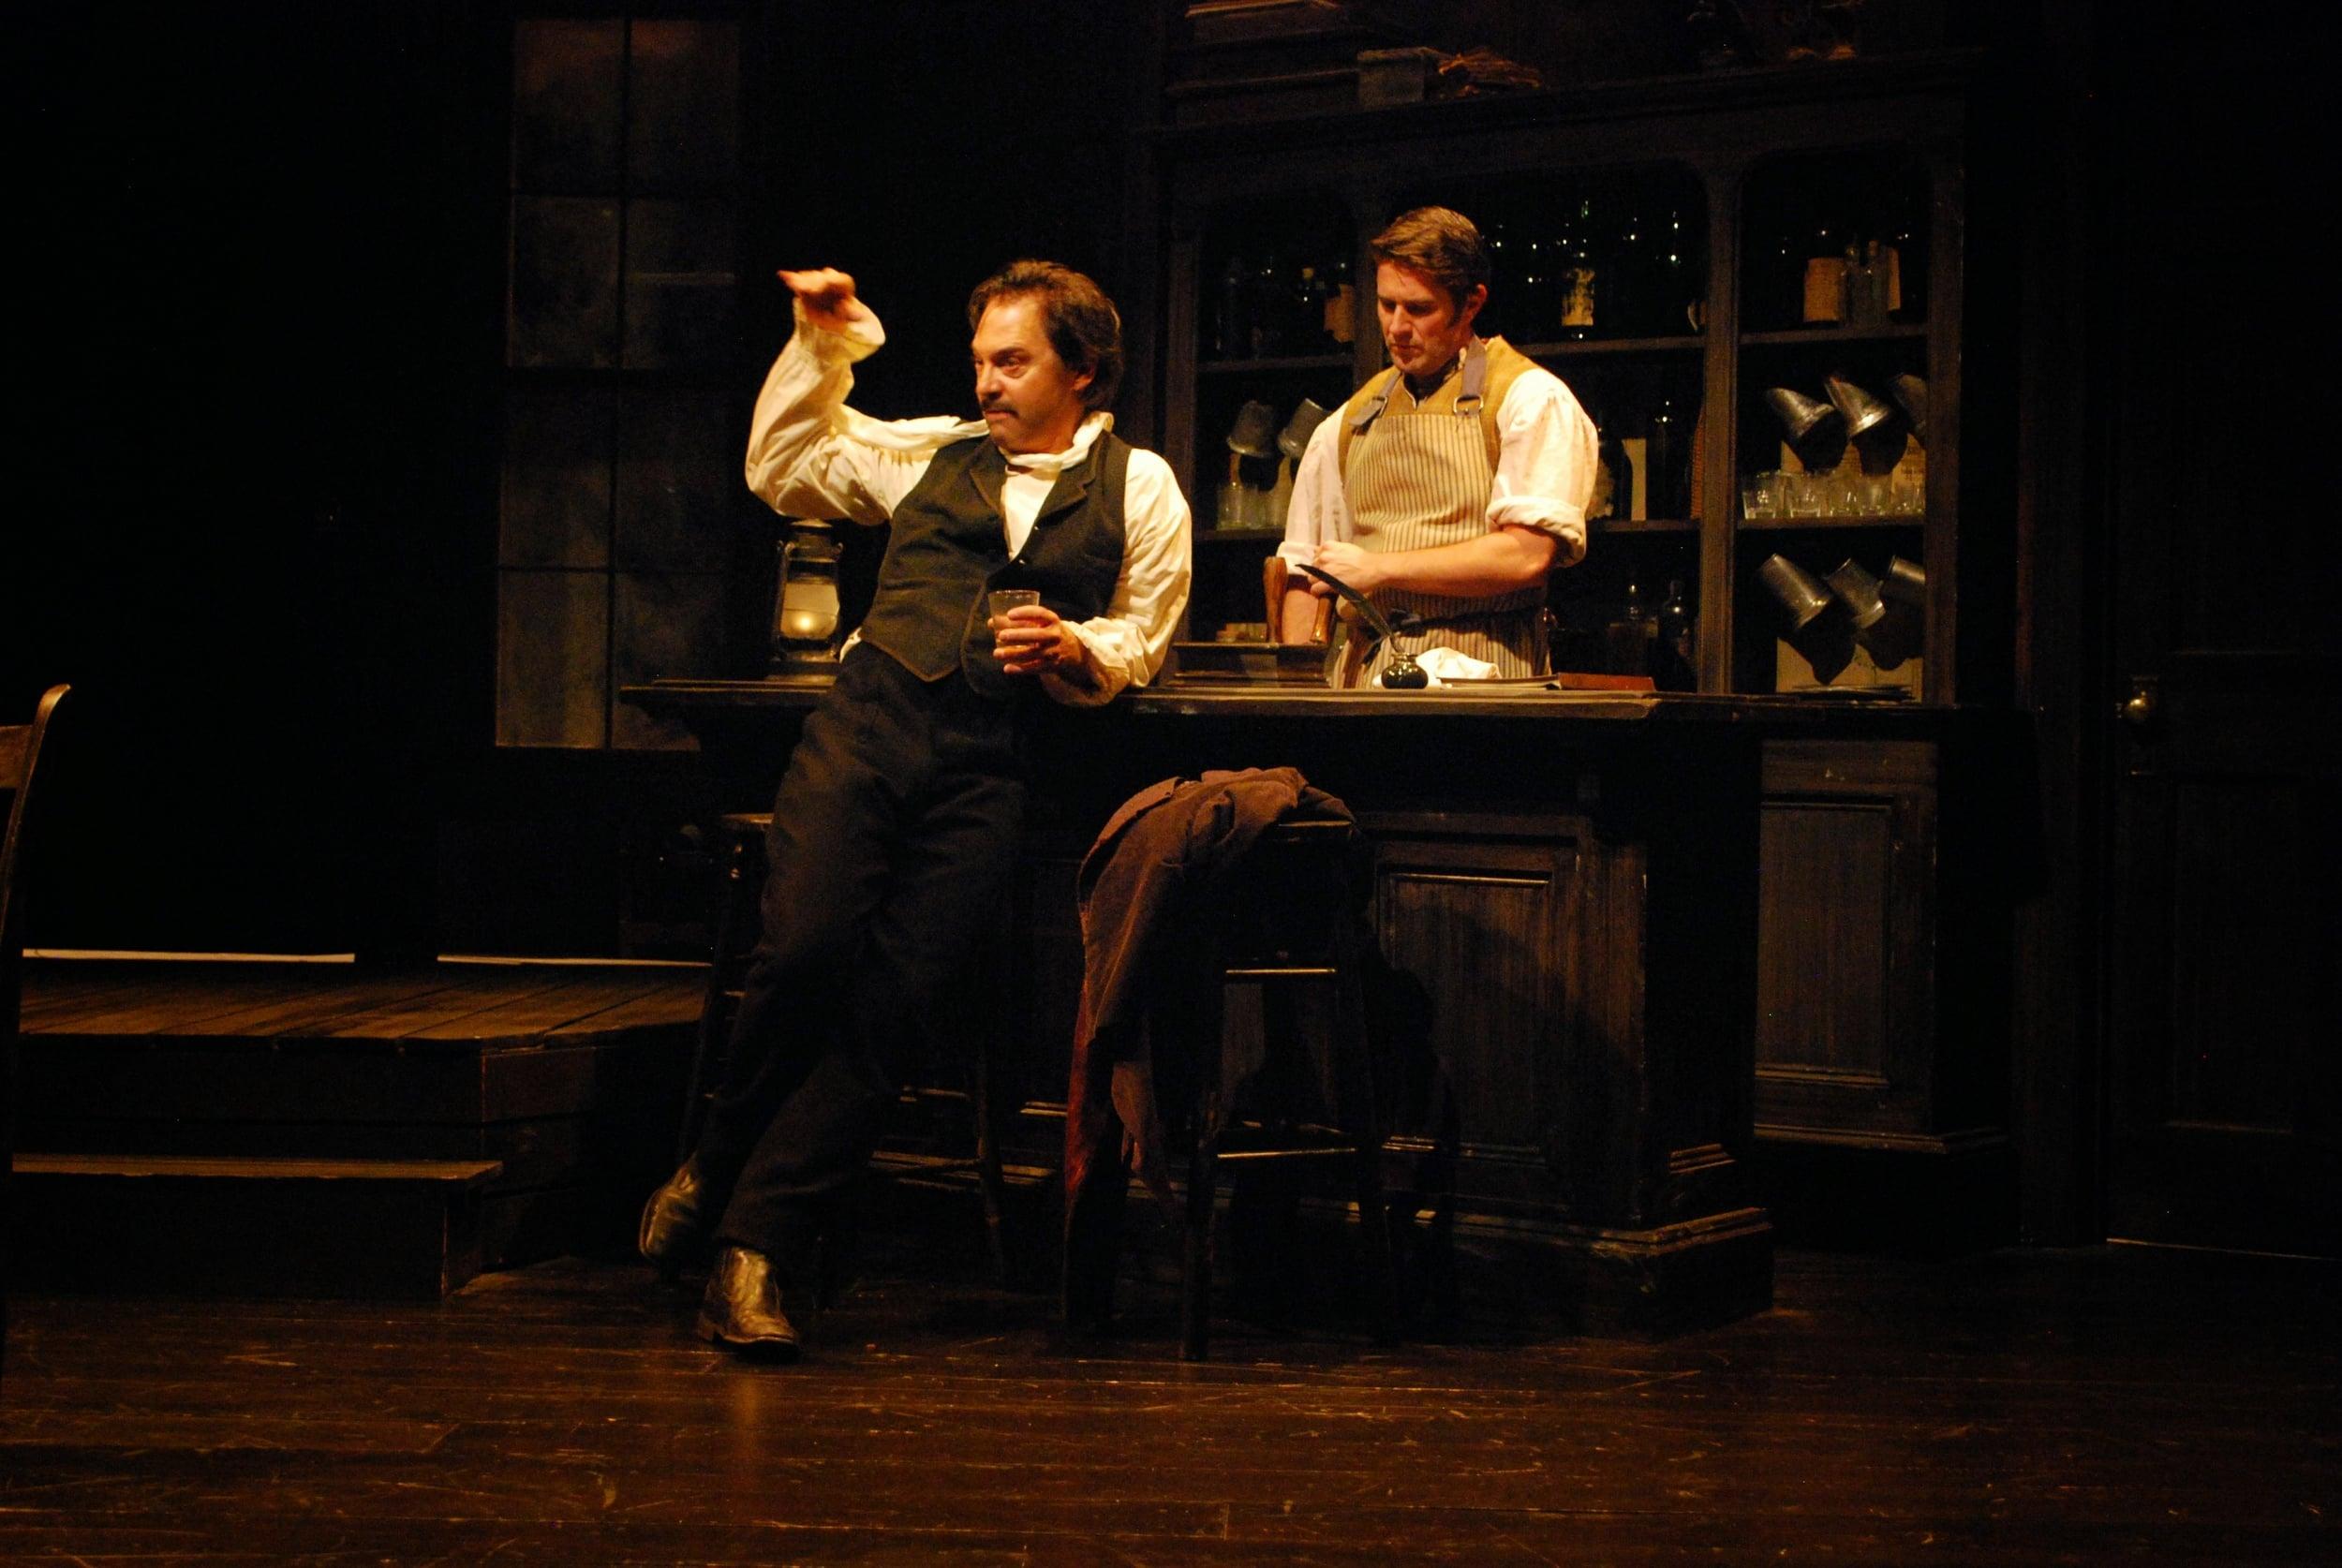 Edgar Allen Poe and Conner